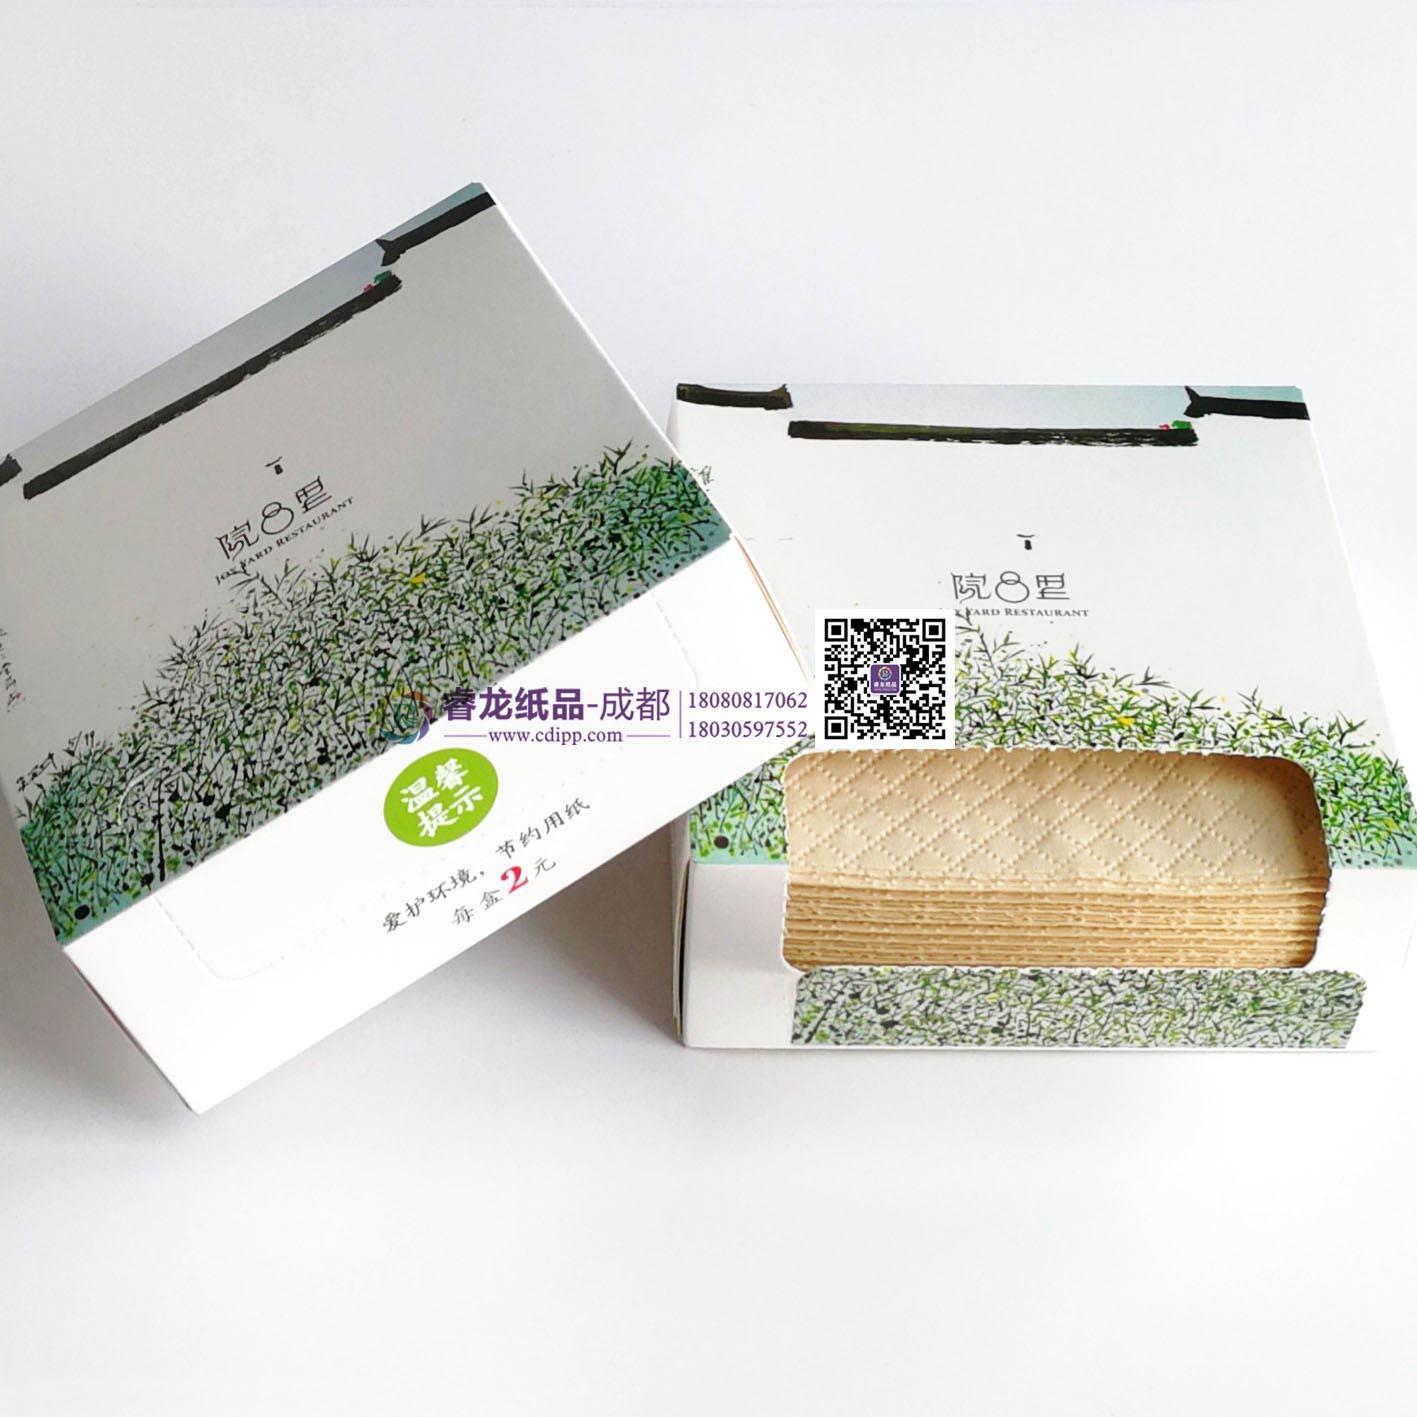 成都靠谱的广告礼品盒抽纸巾180♞3059♞7552盒抽纸巾